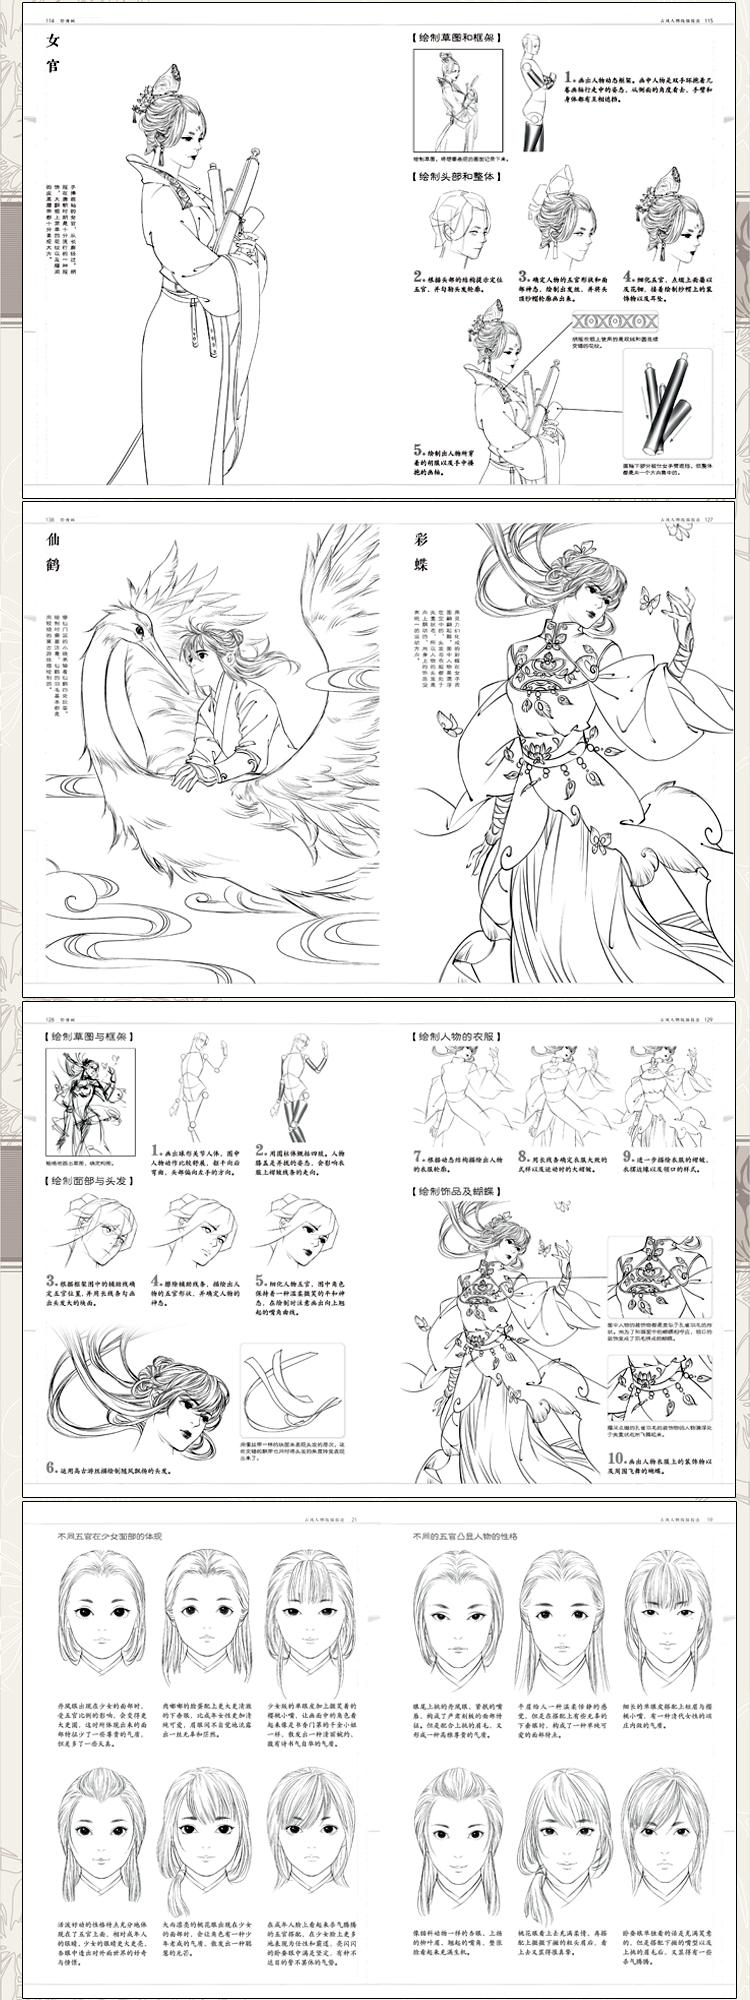 绘漫画 古风人物线描技法 古风插画教程 古风漫画书籍 古风漫画绘制